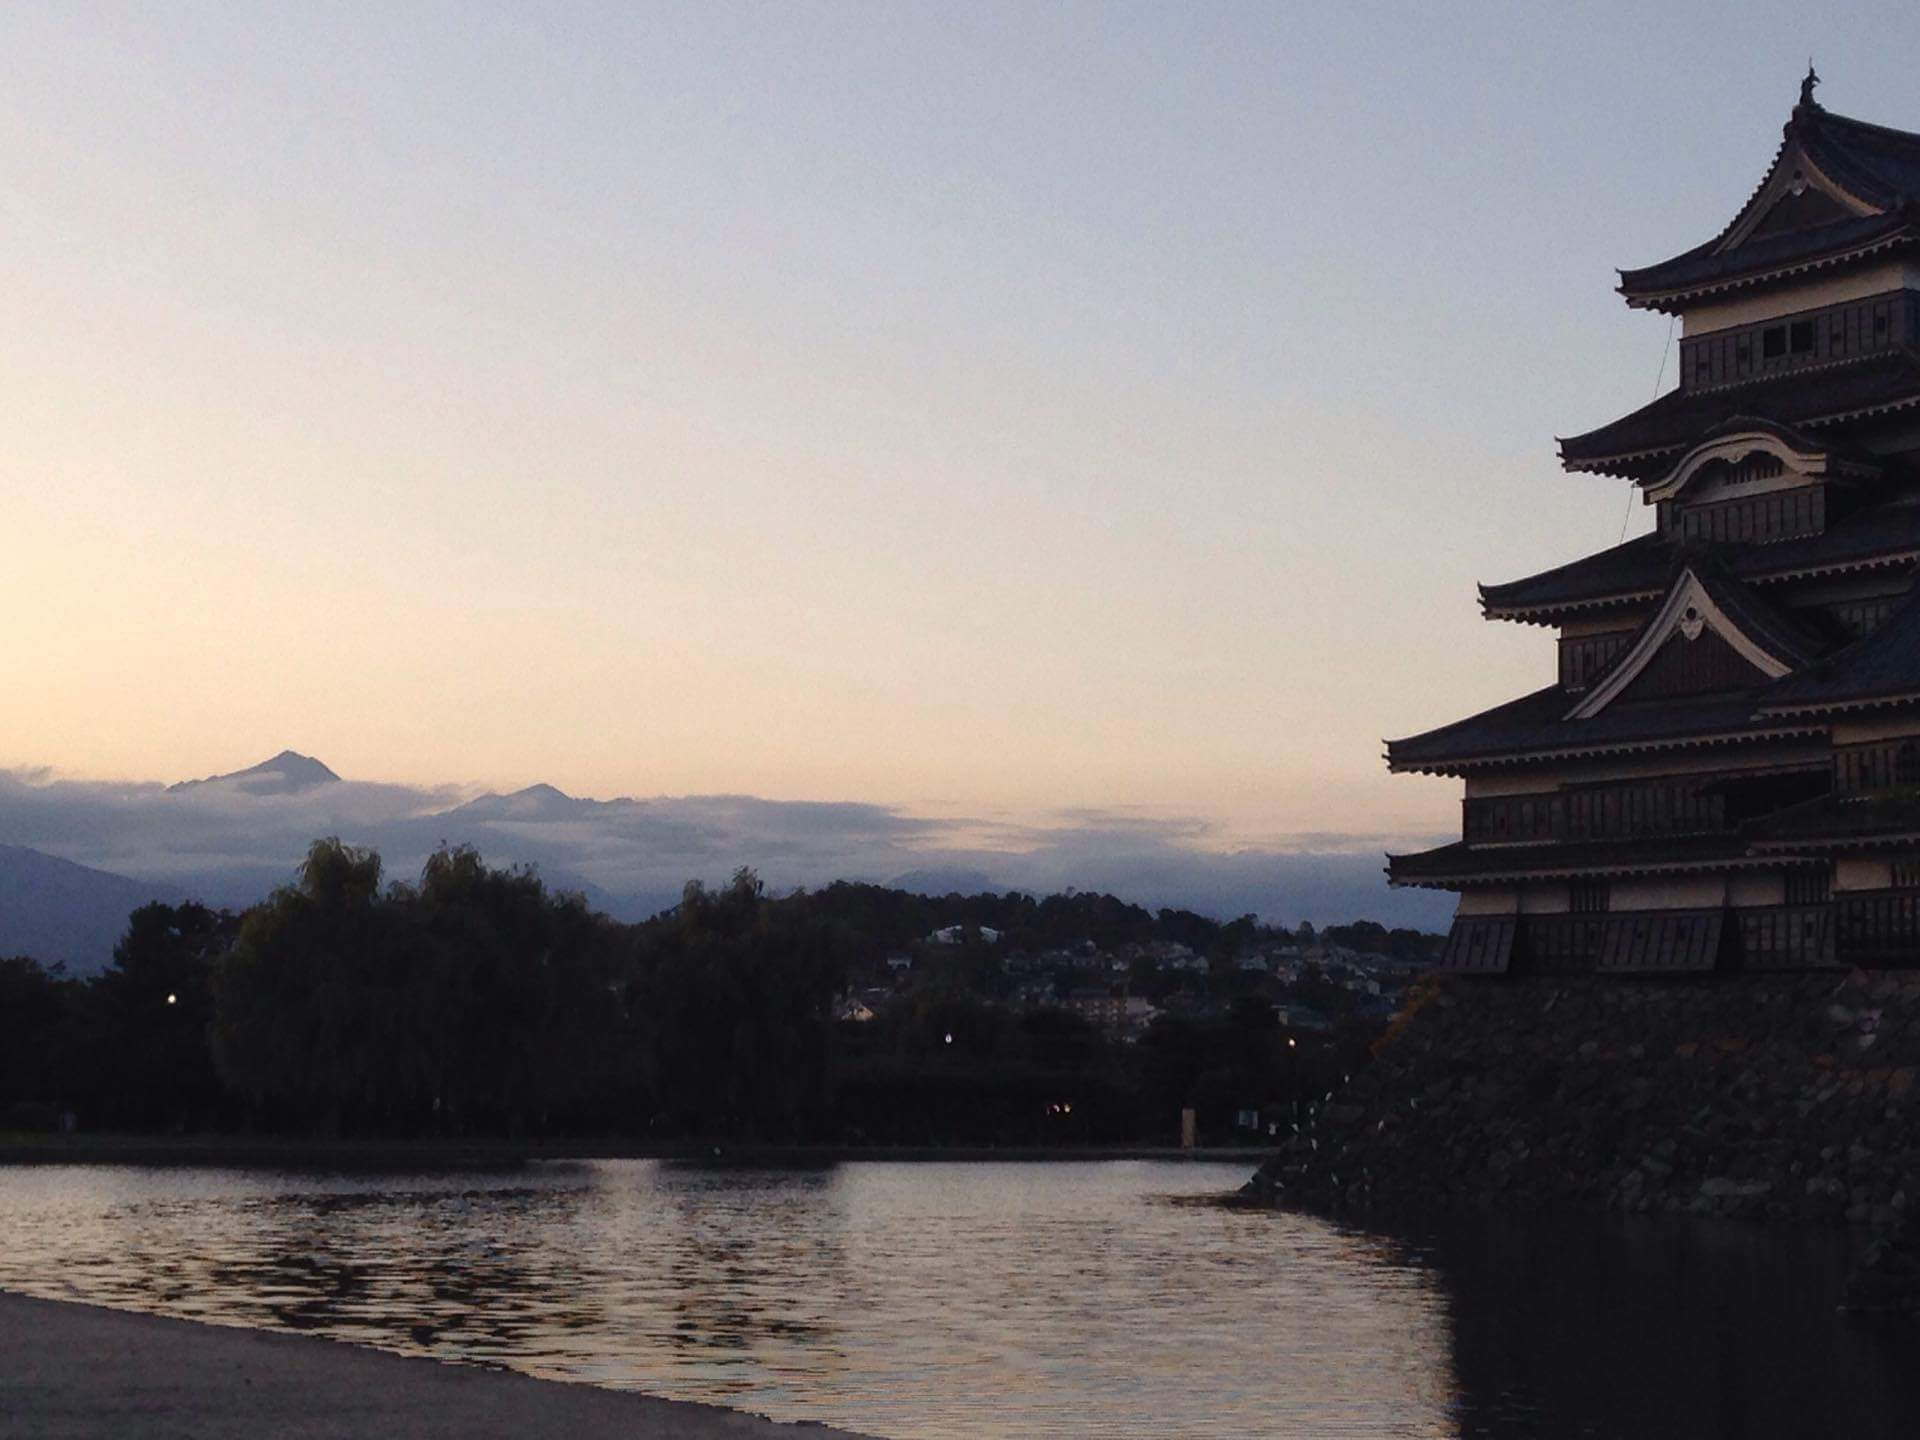 晩秋の八ヶ岳南麓+松本の旅路2 LABORATORIO編_f0351305_13303705.jpeg